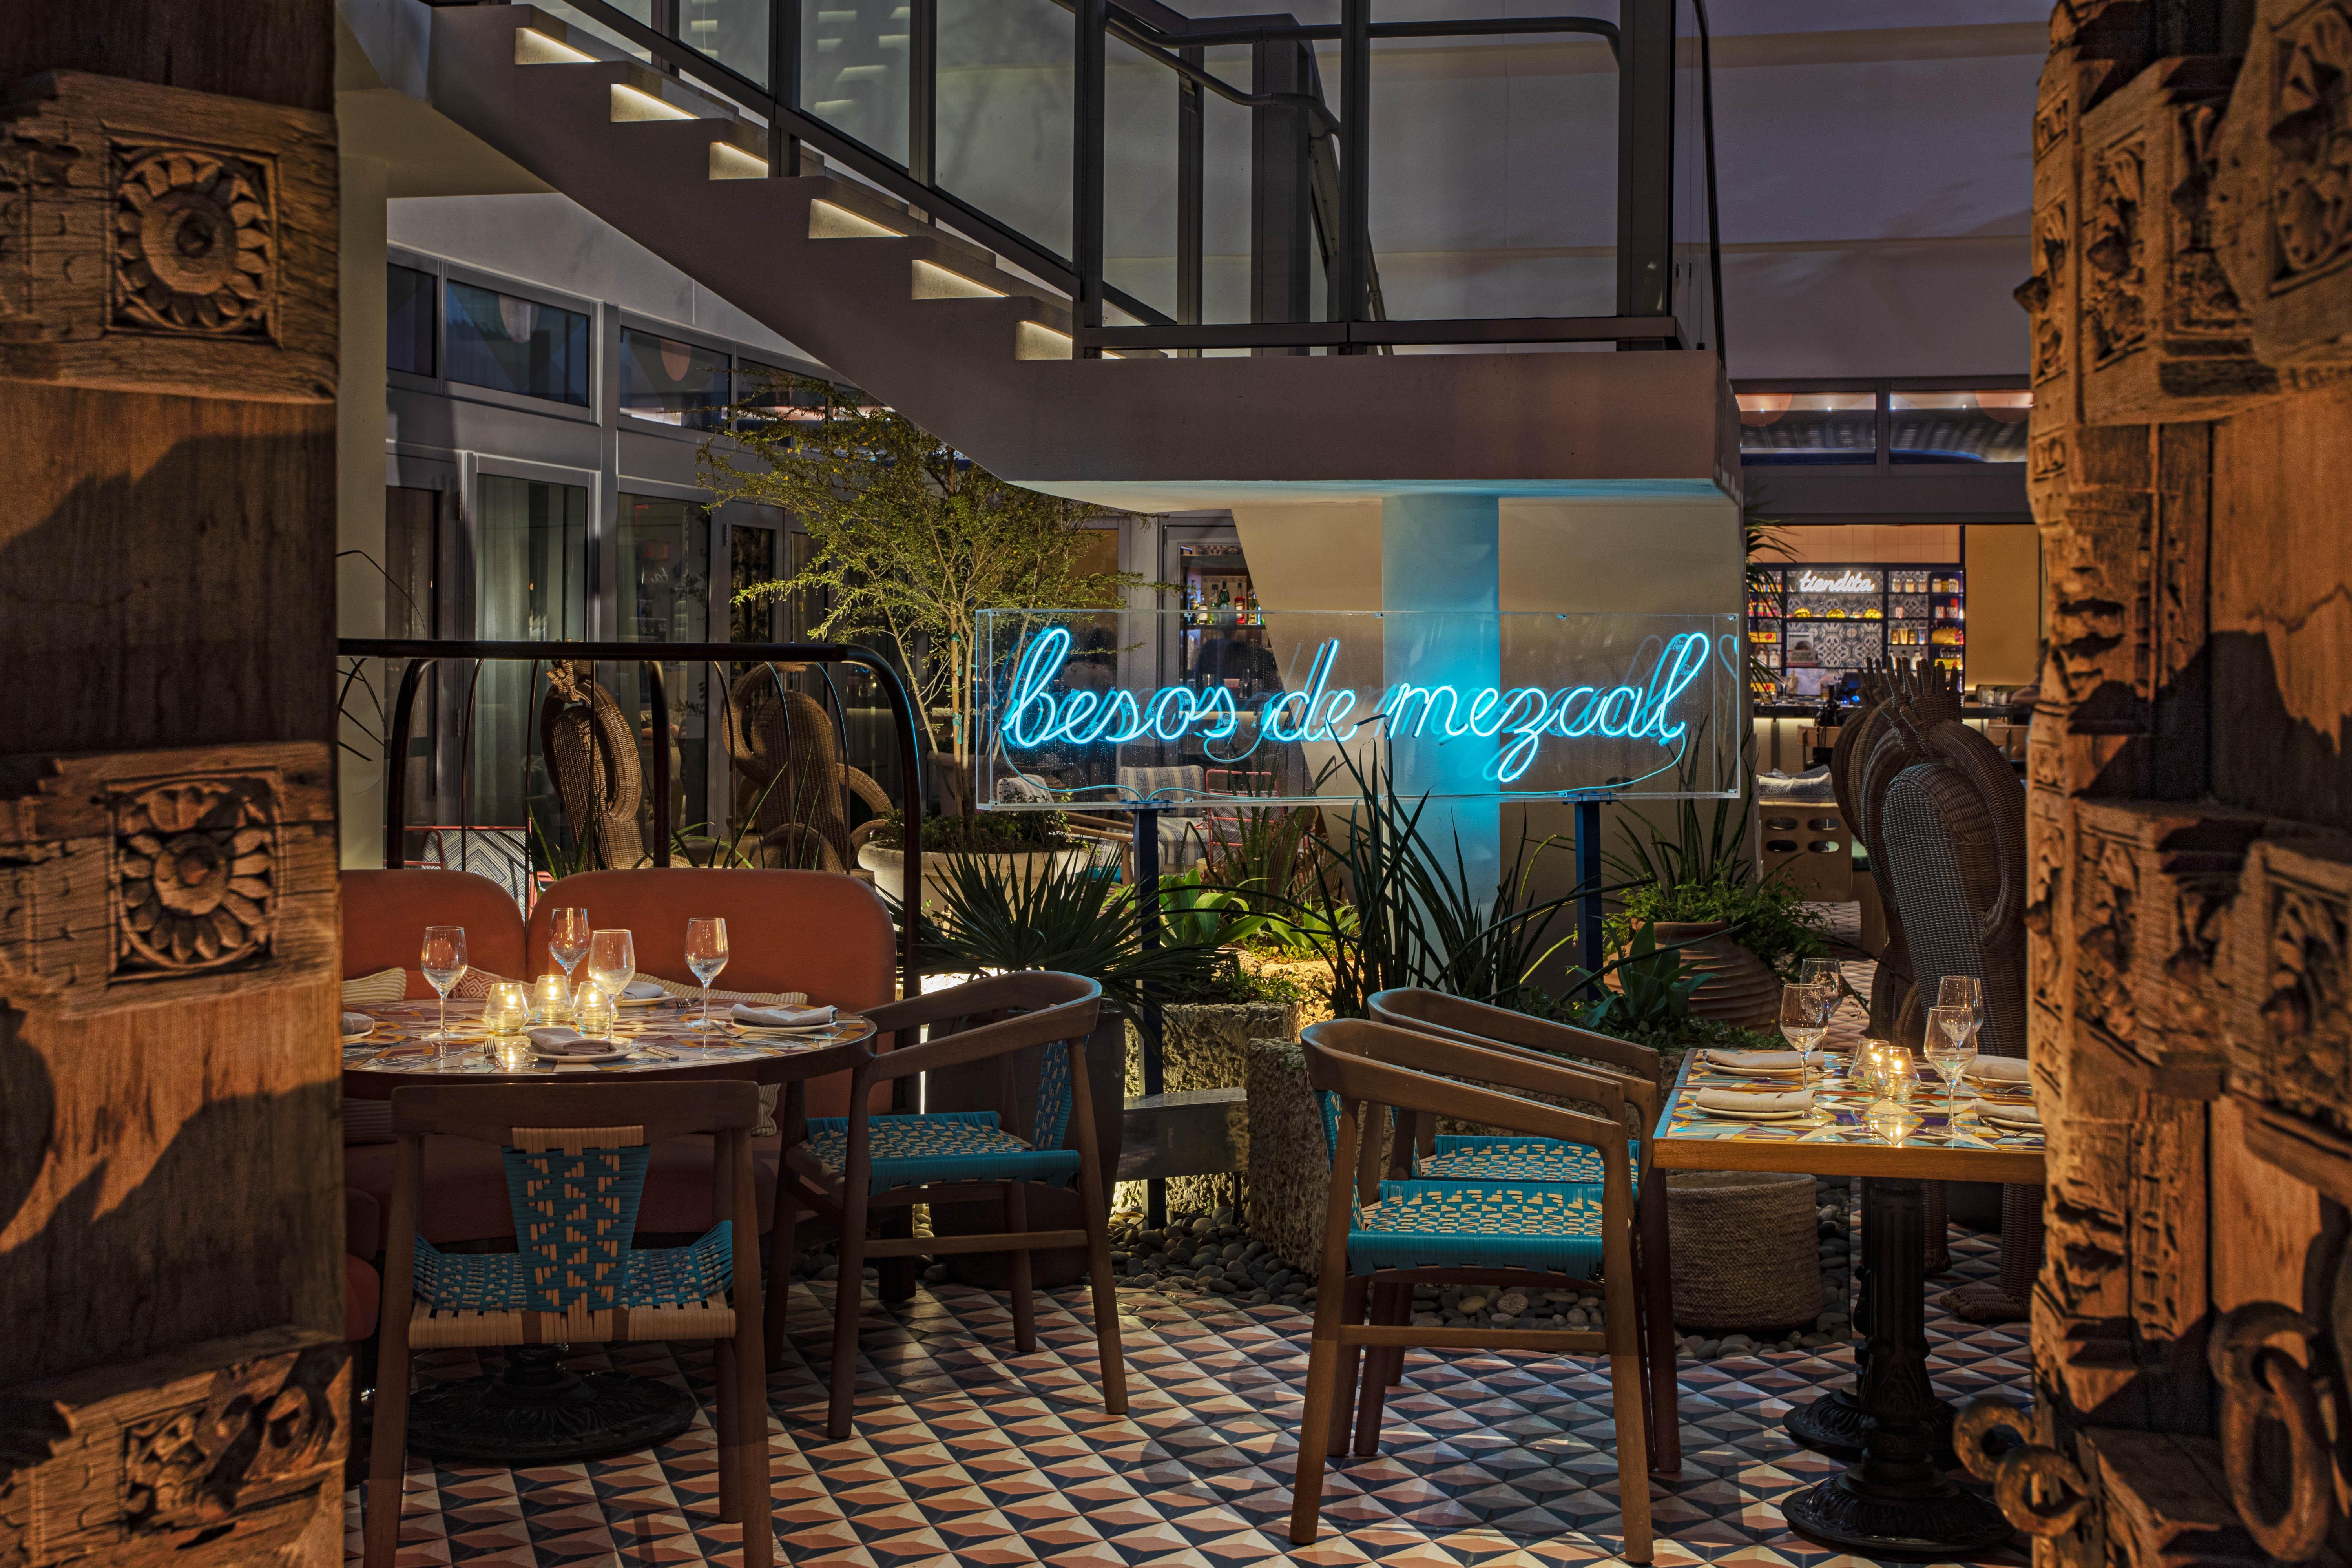 Como Como Miami La marca local de Miami, Coyo Taco Group, se está expandiendo este mes con varias aperturas recientes, incluida Serena en el hotel Moxy Miami South Beach y el Oasis en Wynwood